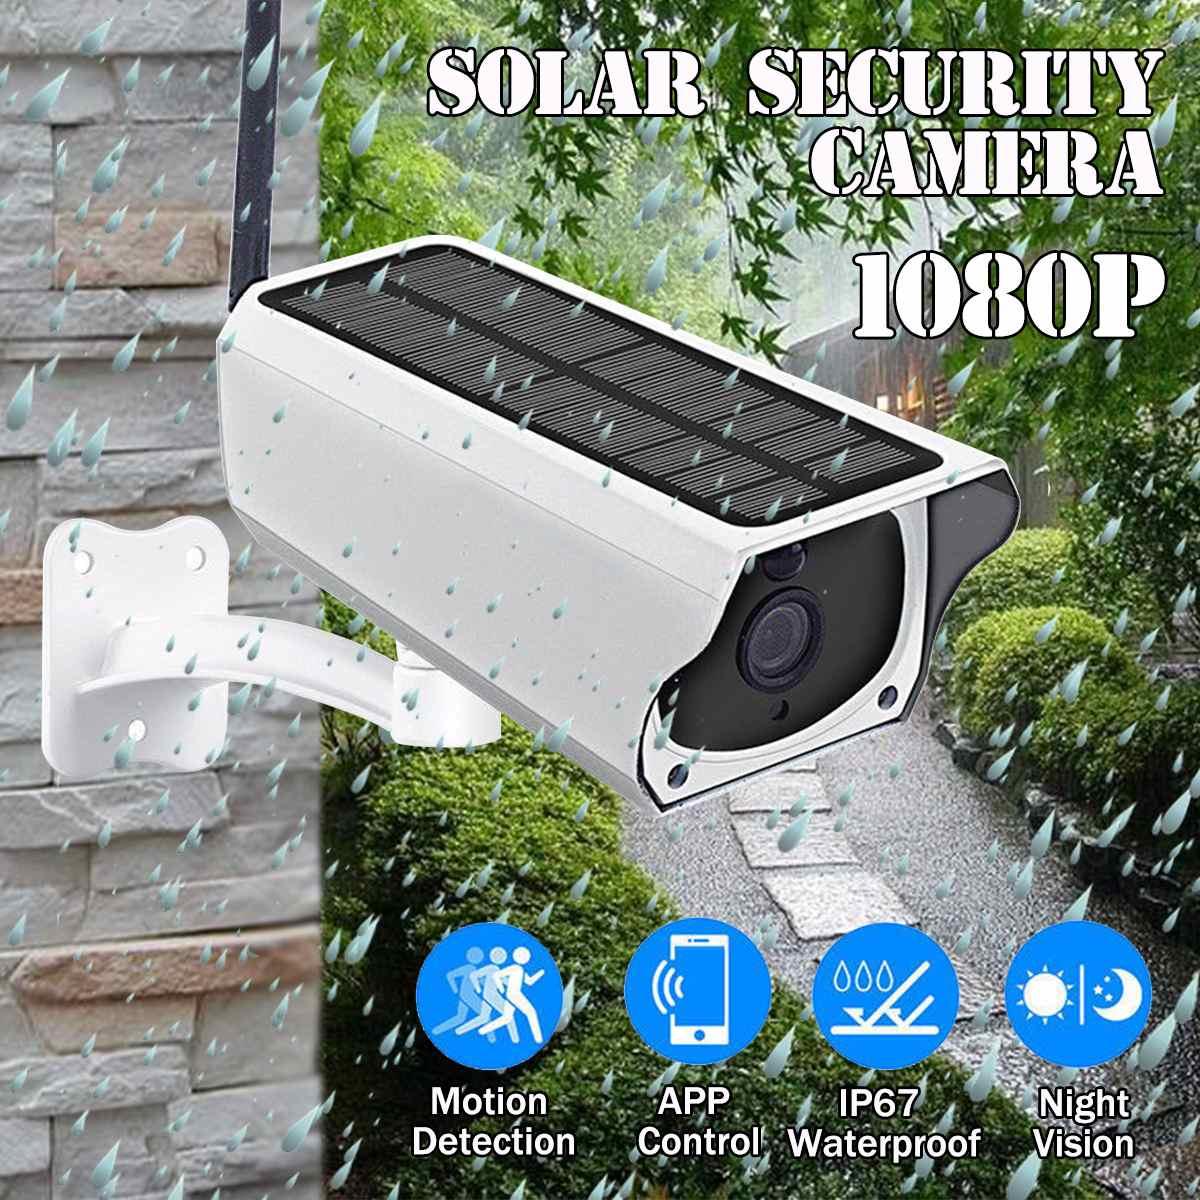 Caméra IP solaire 1080 P 2MP sans fil Wi-fi Surveillance de sécurité étanche caméra extérieure IR Vision nocturne caméra solaire HD